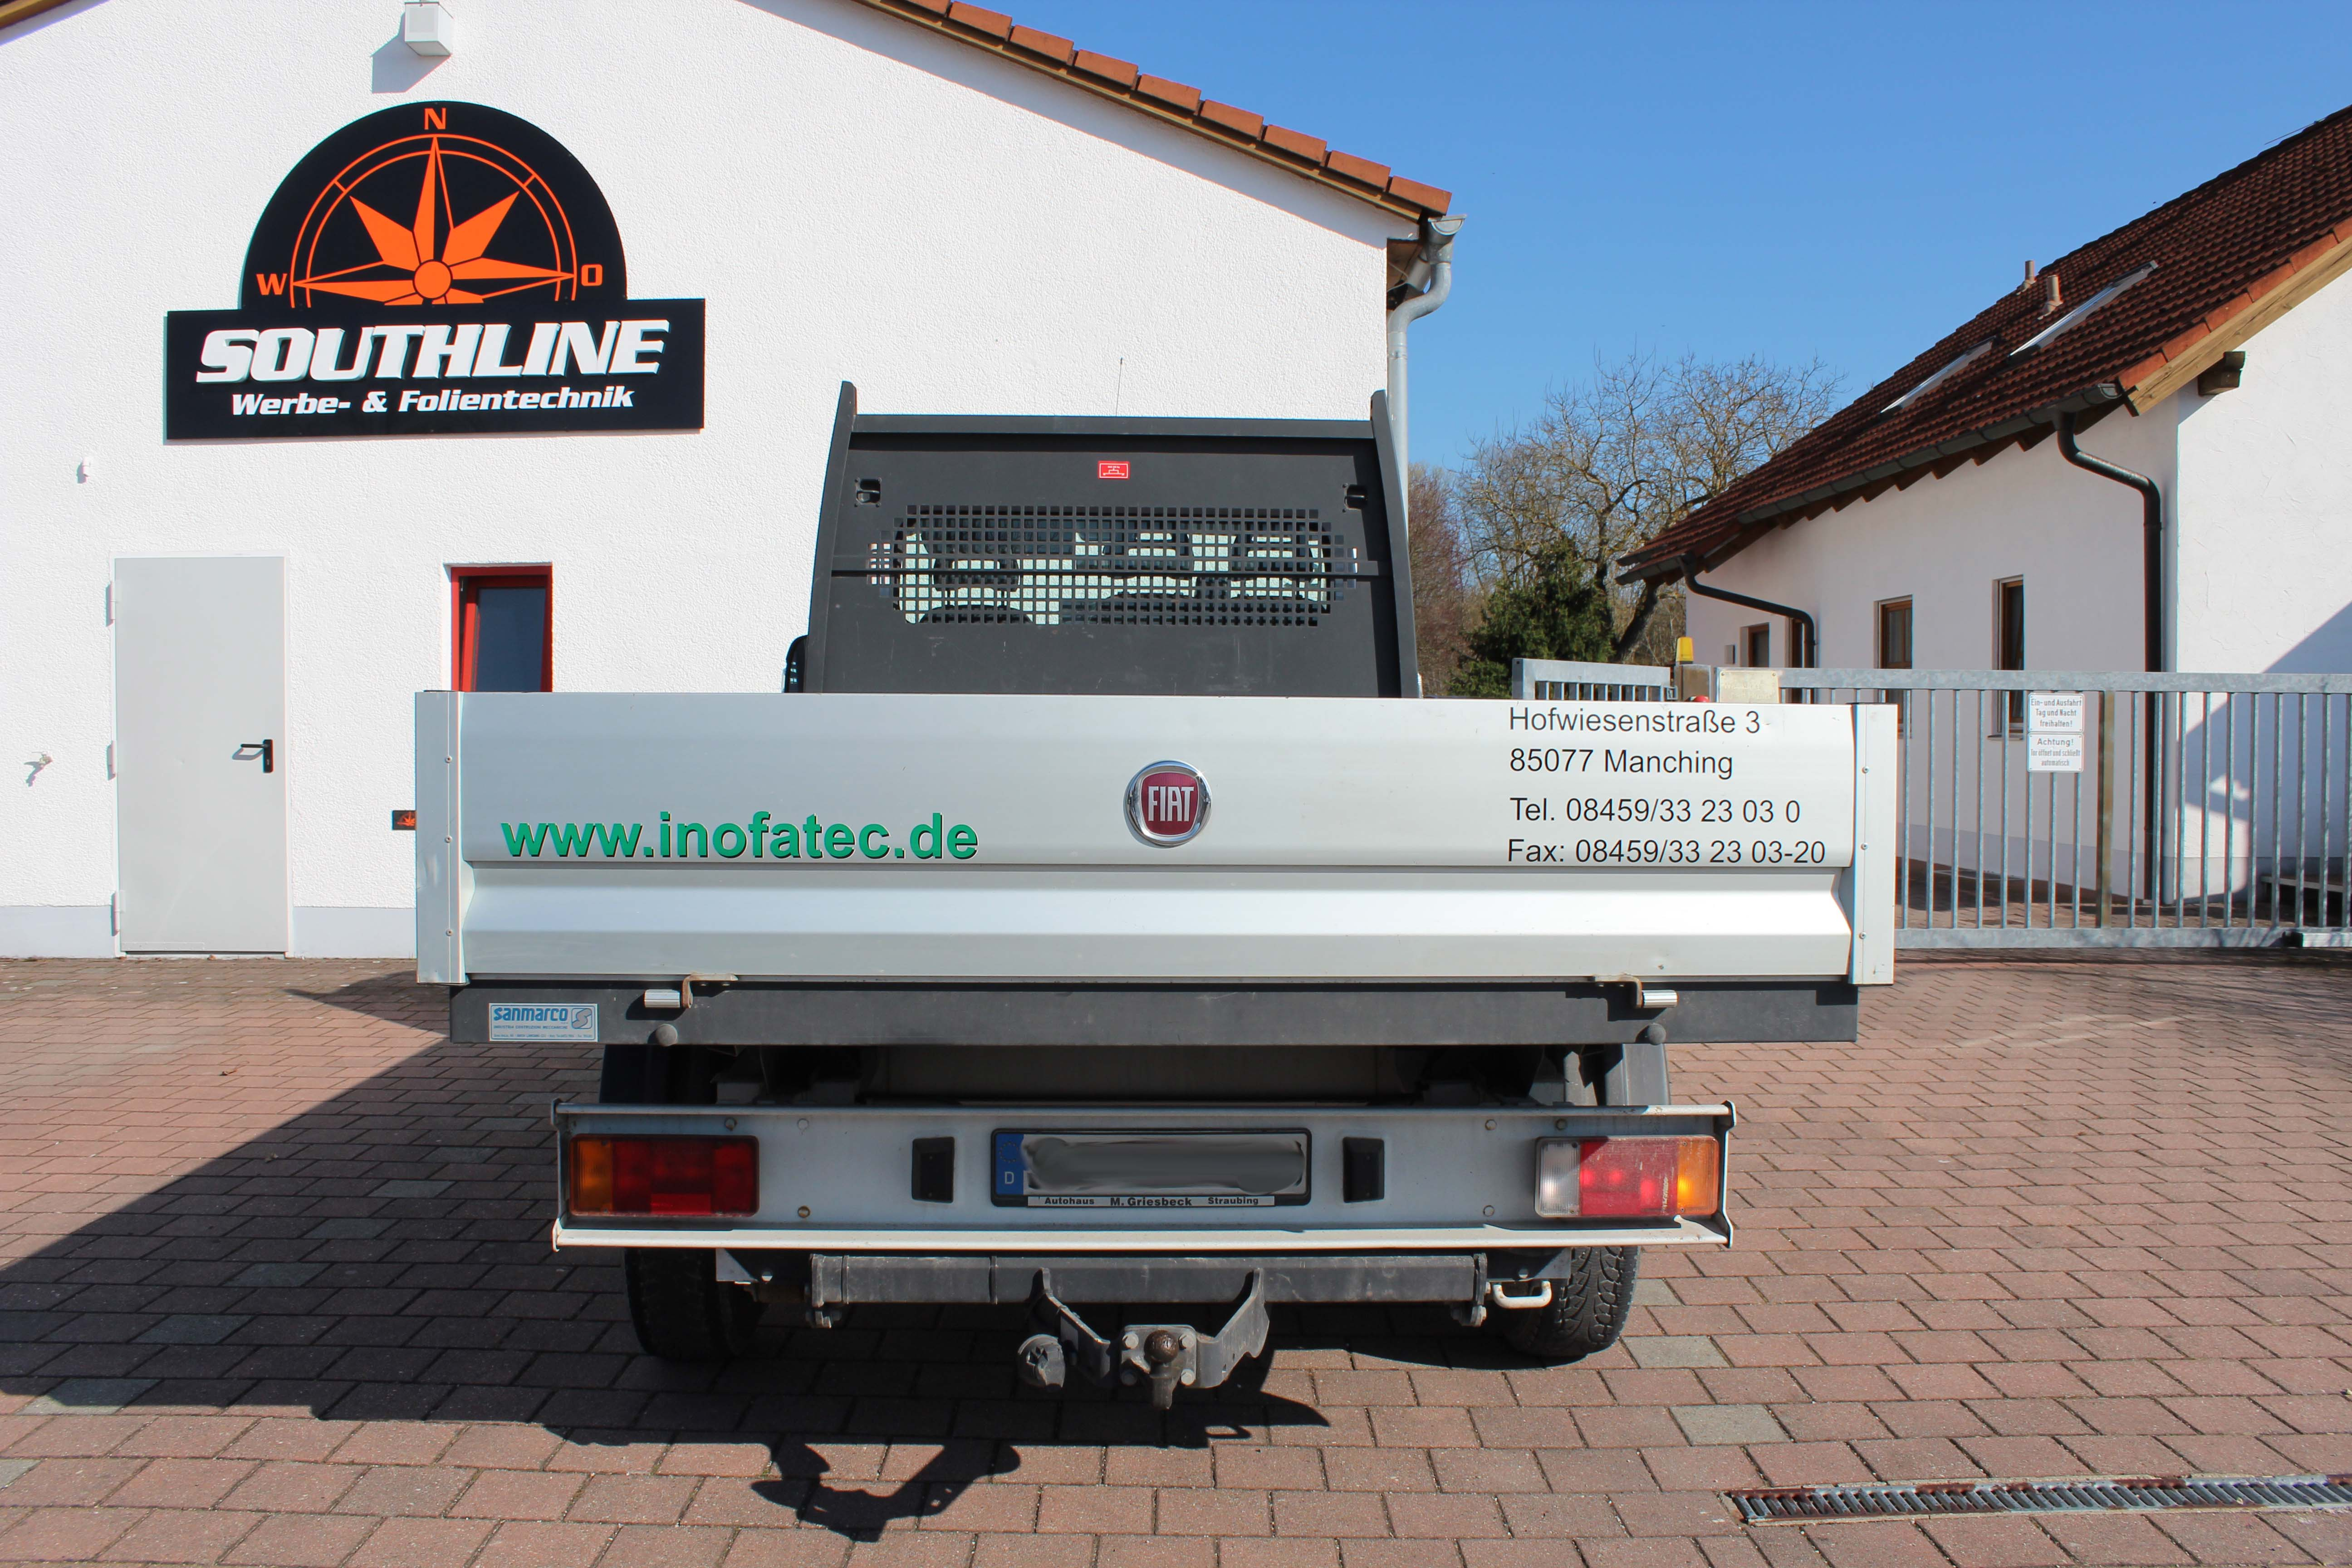 Fiat_Ducato_Autobeschriftung_Folie_Beklebung_1